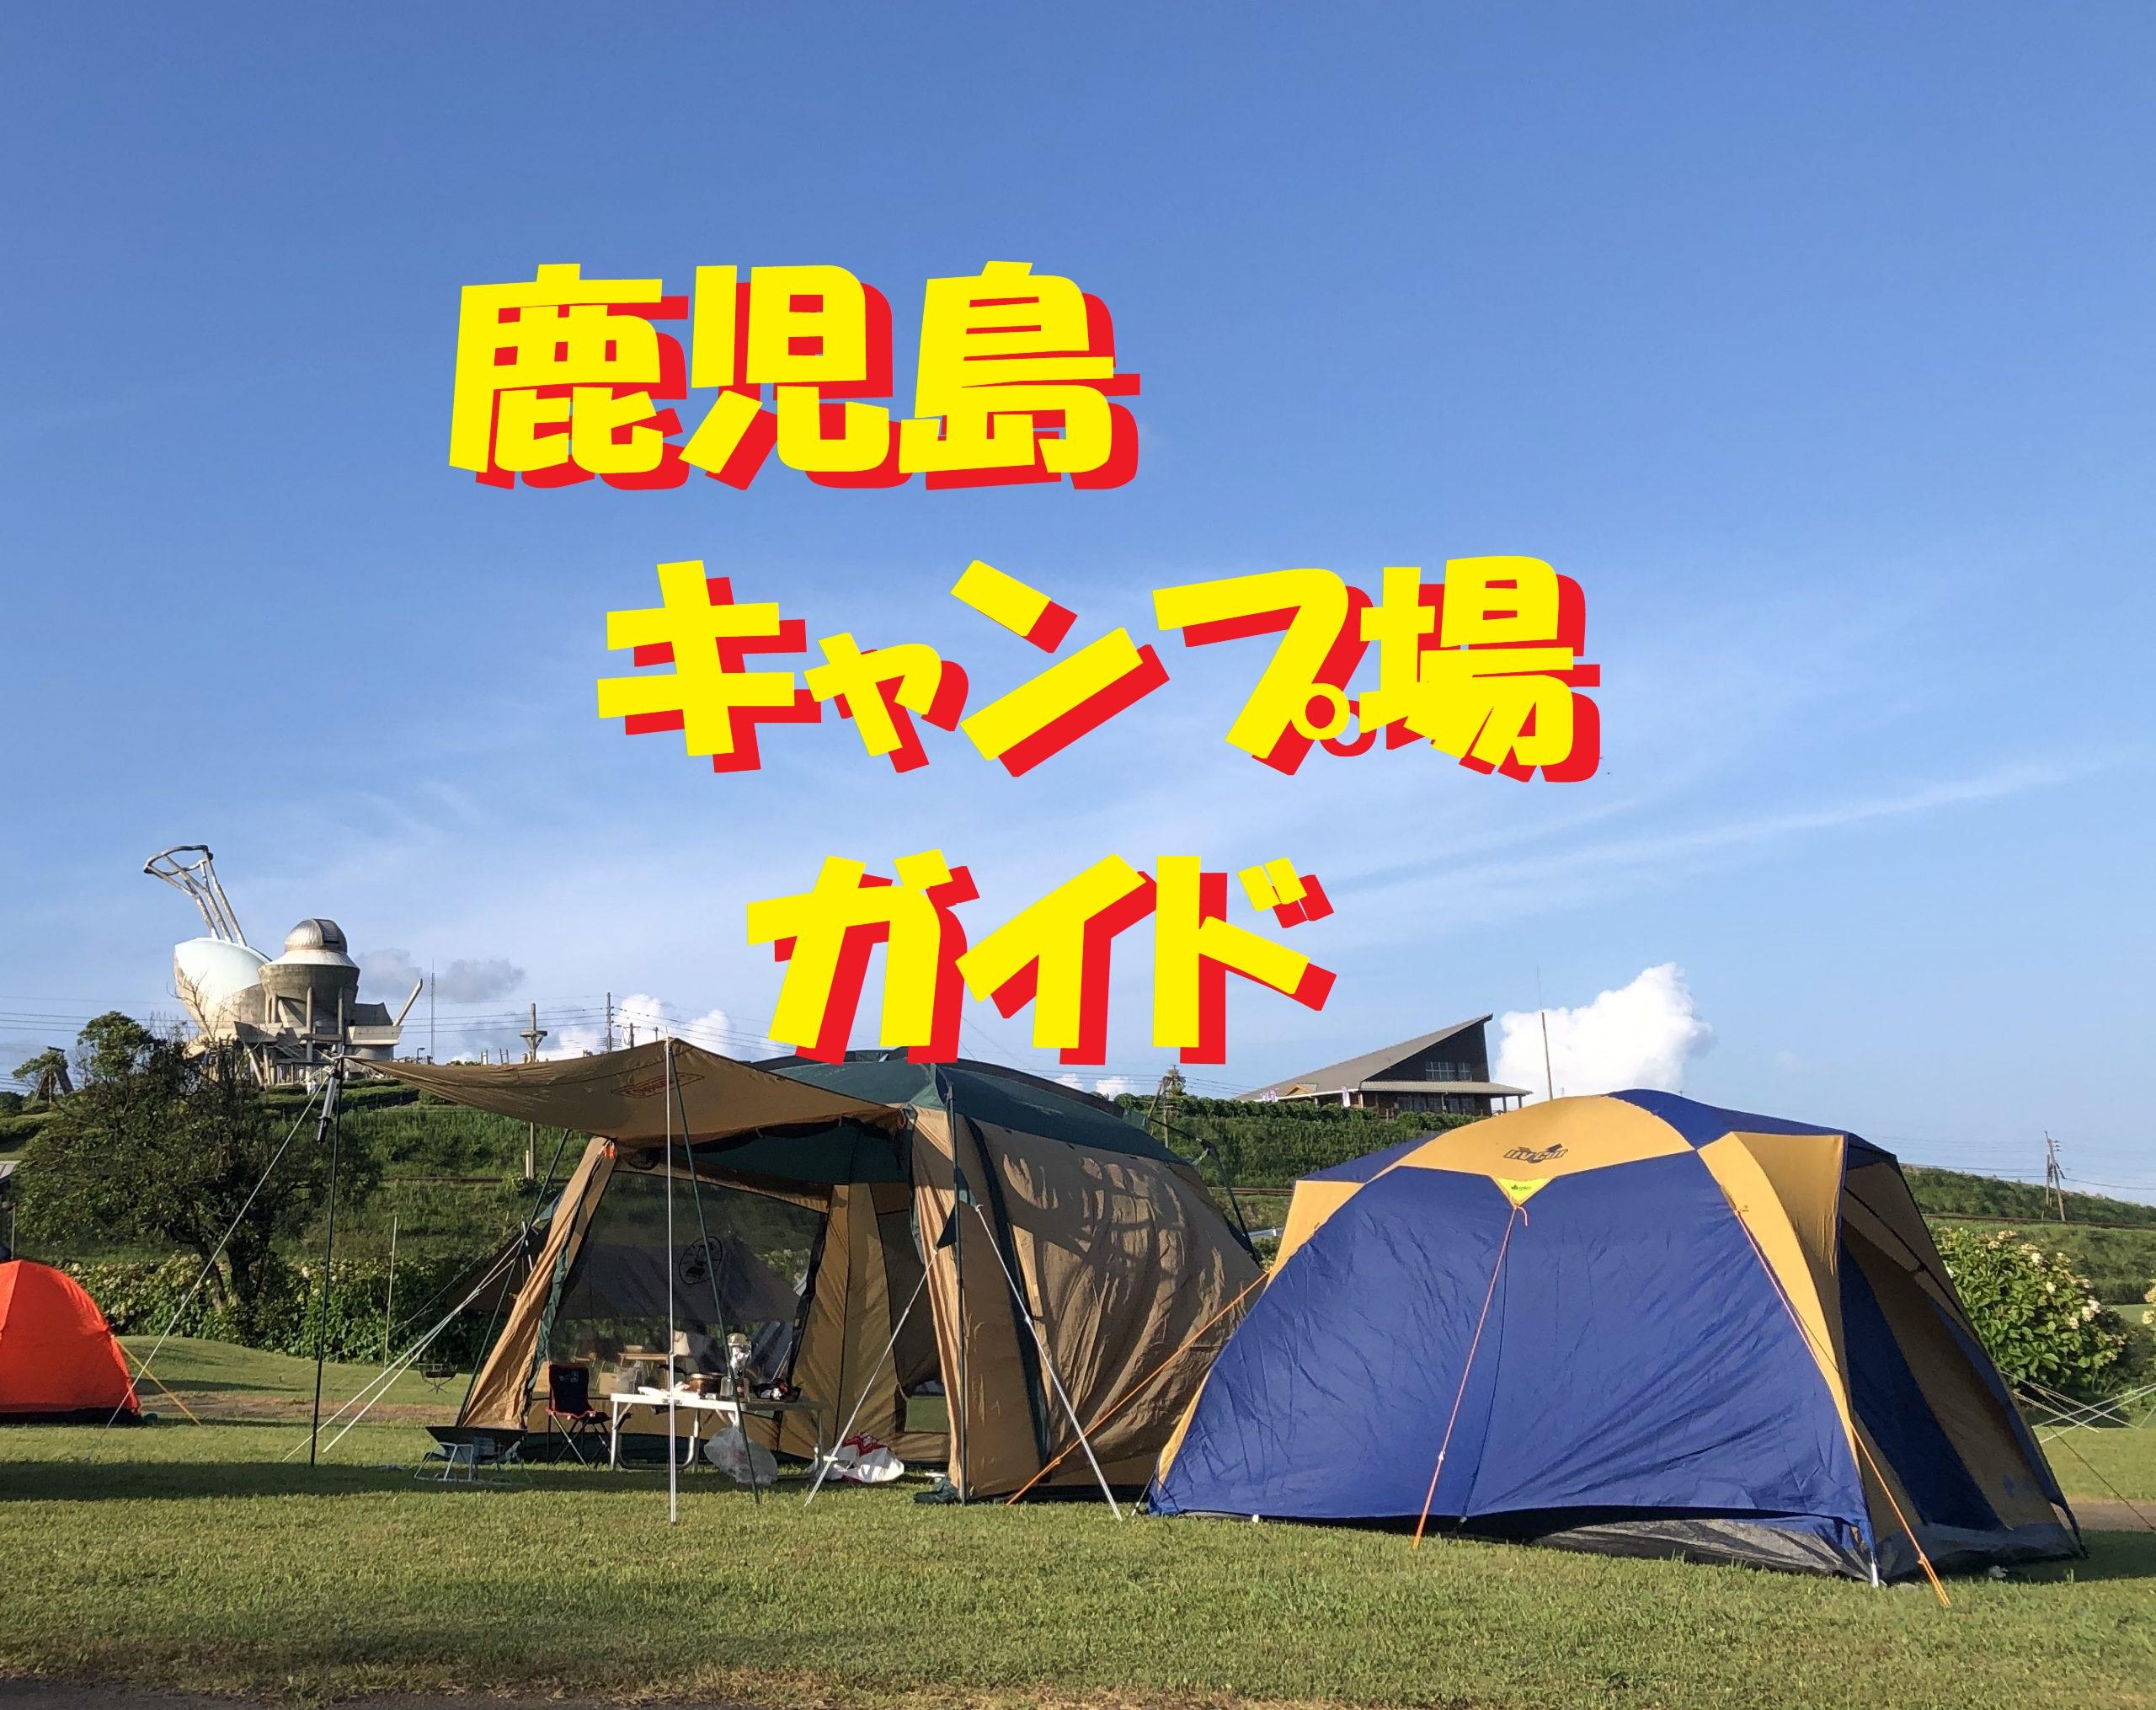 鹿児島キャンプ場ガイド イメージ画像